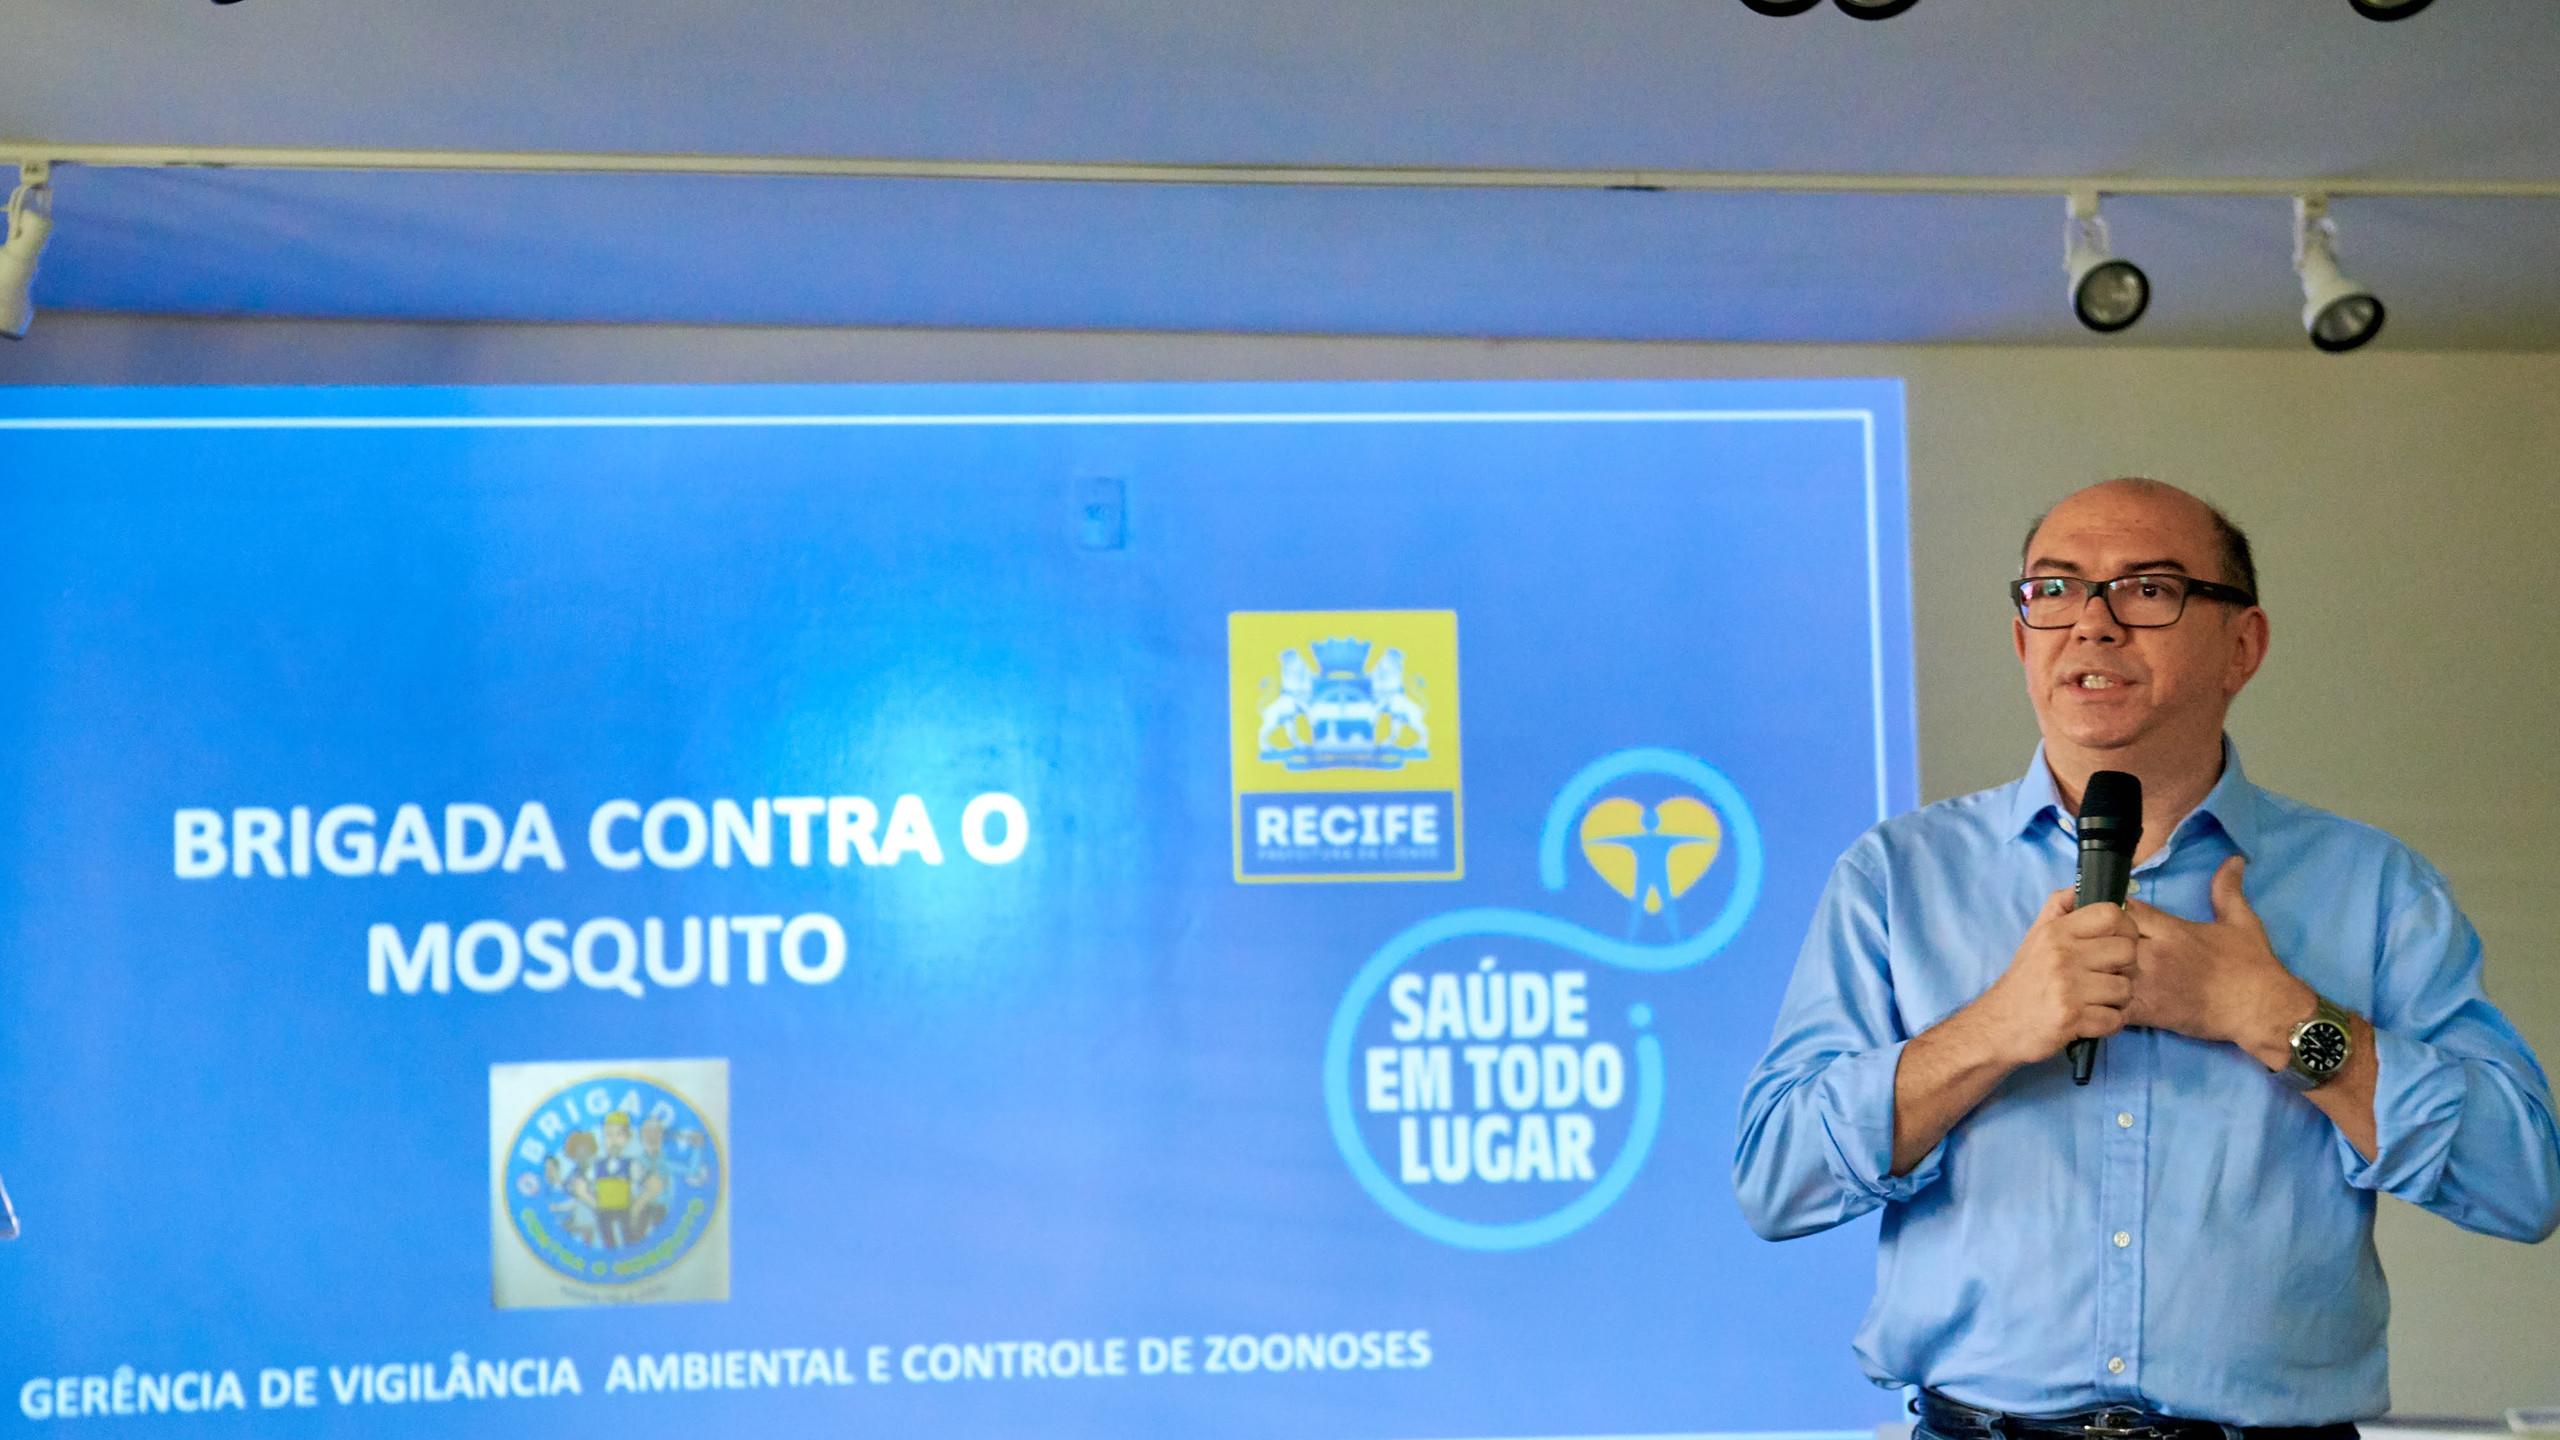 Brigada_do_mosquito (4)